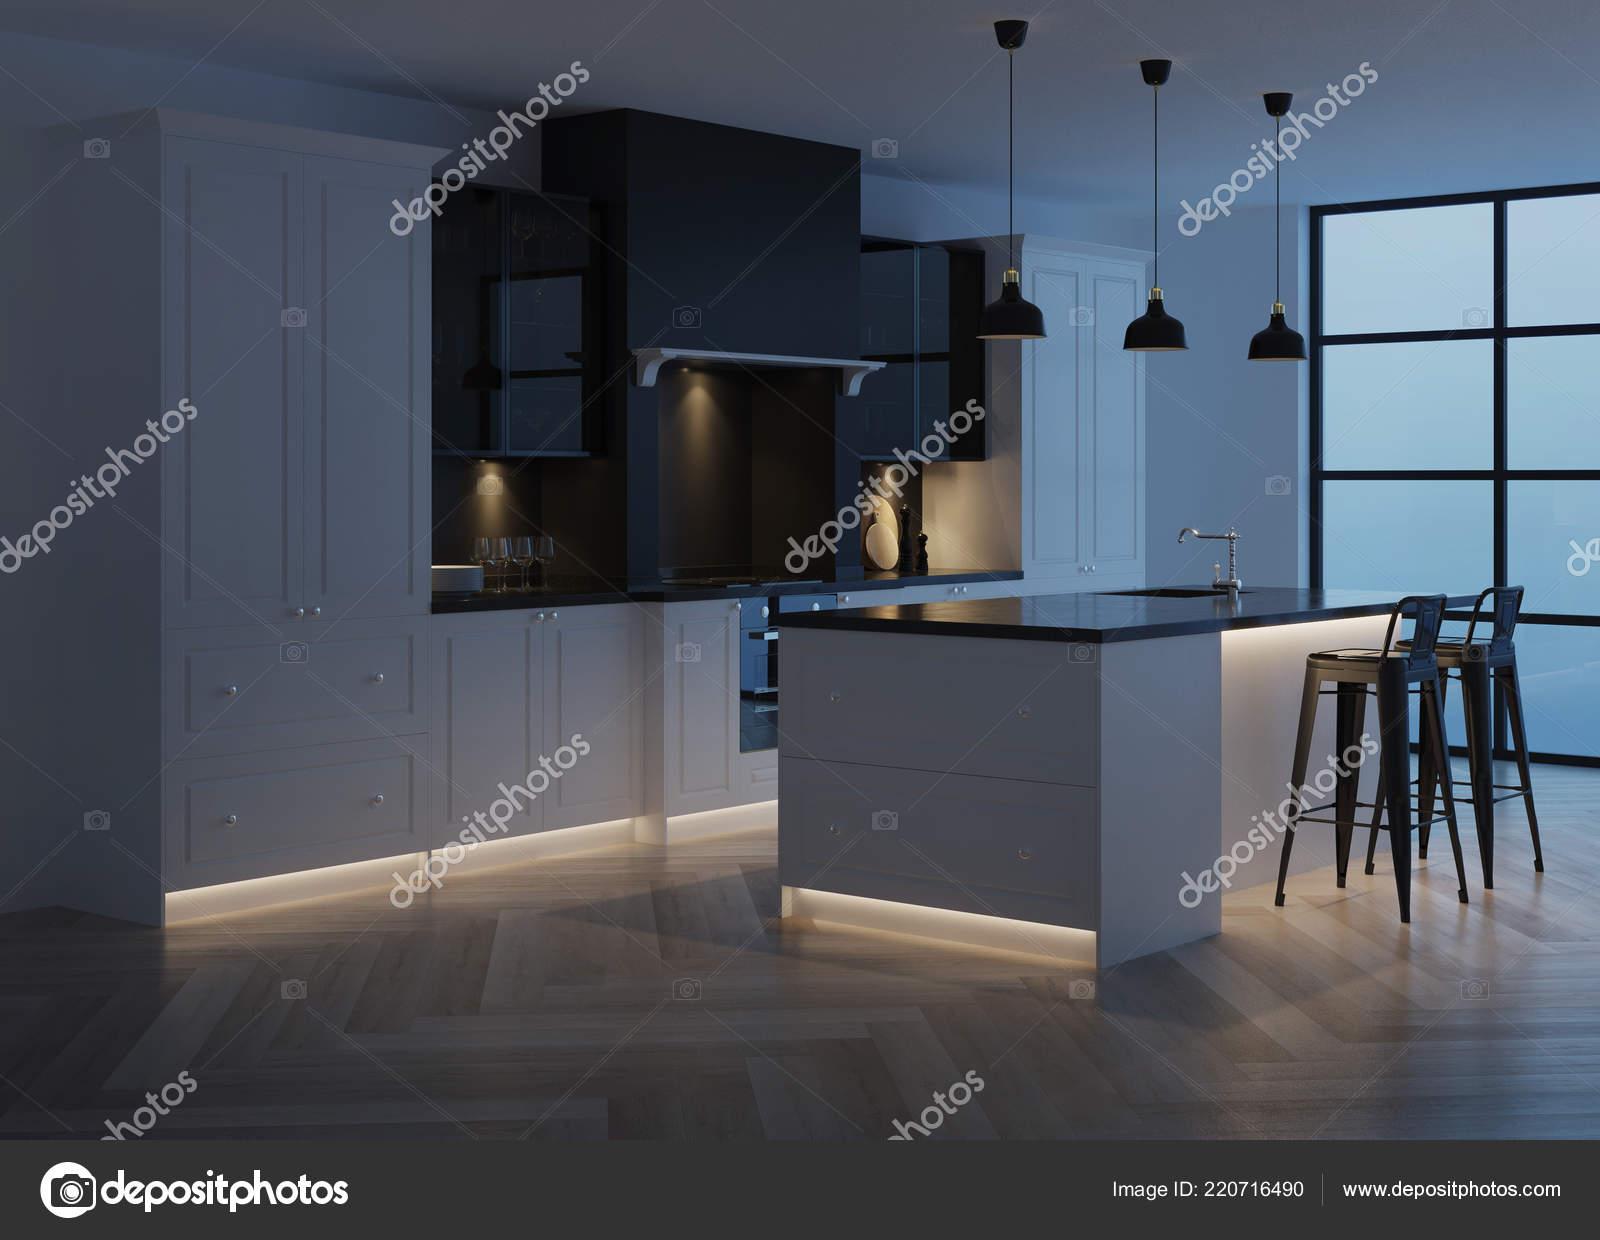 Idee cucina in marmo nero isola spettacolare illuminazione della